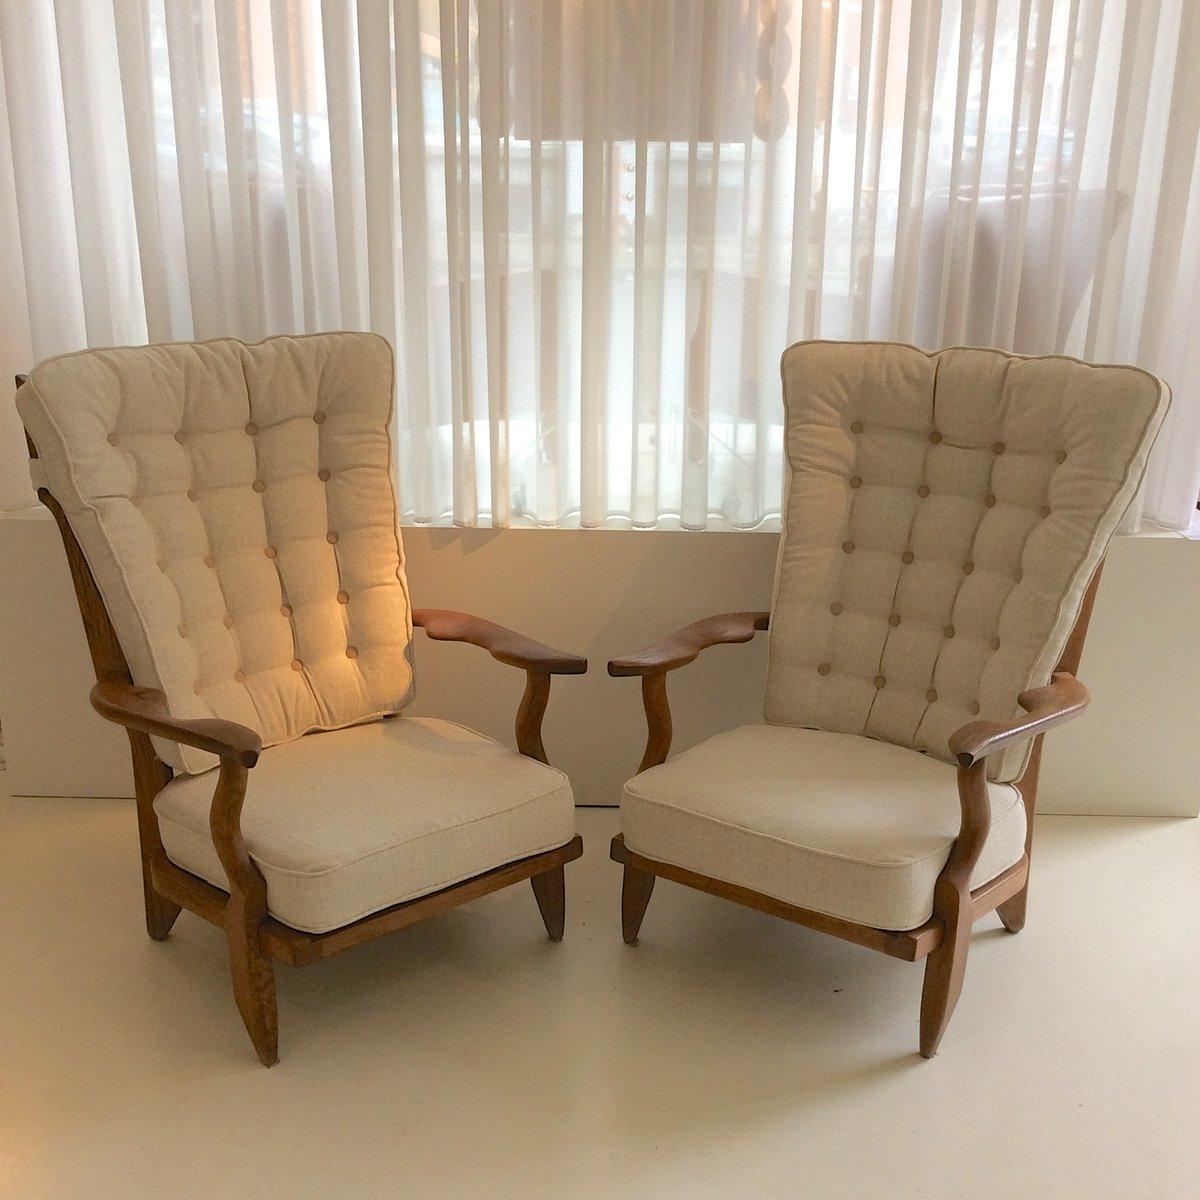 fauteuils grand repos par guillerme et chambron pour votre maison 1950s set de 2 en vente sur. Black Bedroom Furniture Sets. Home Design Ideas